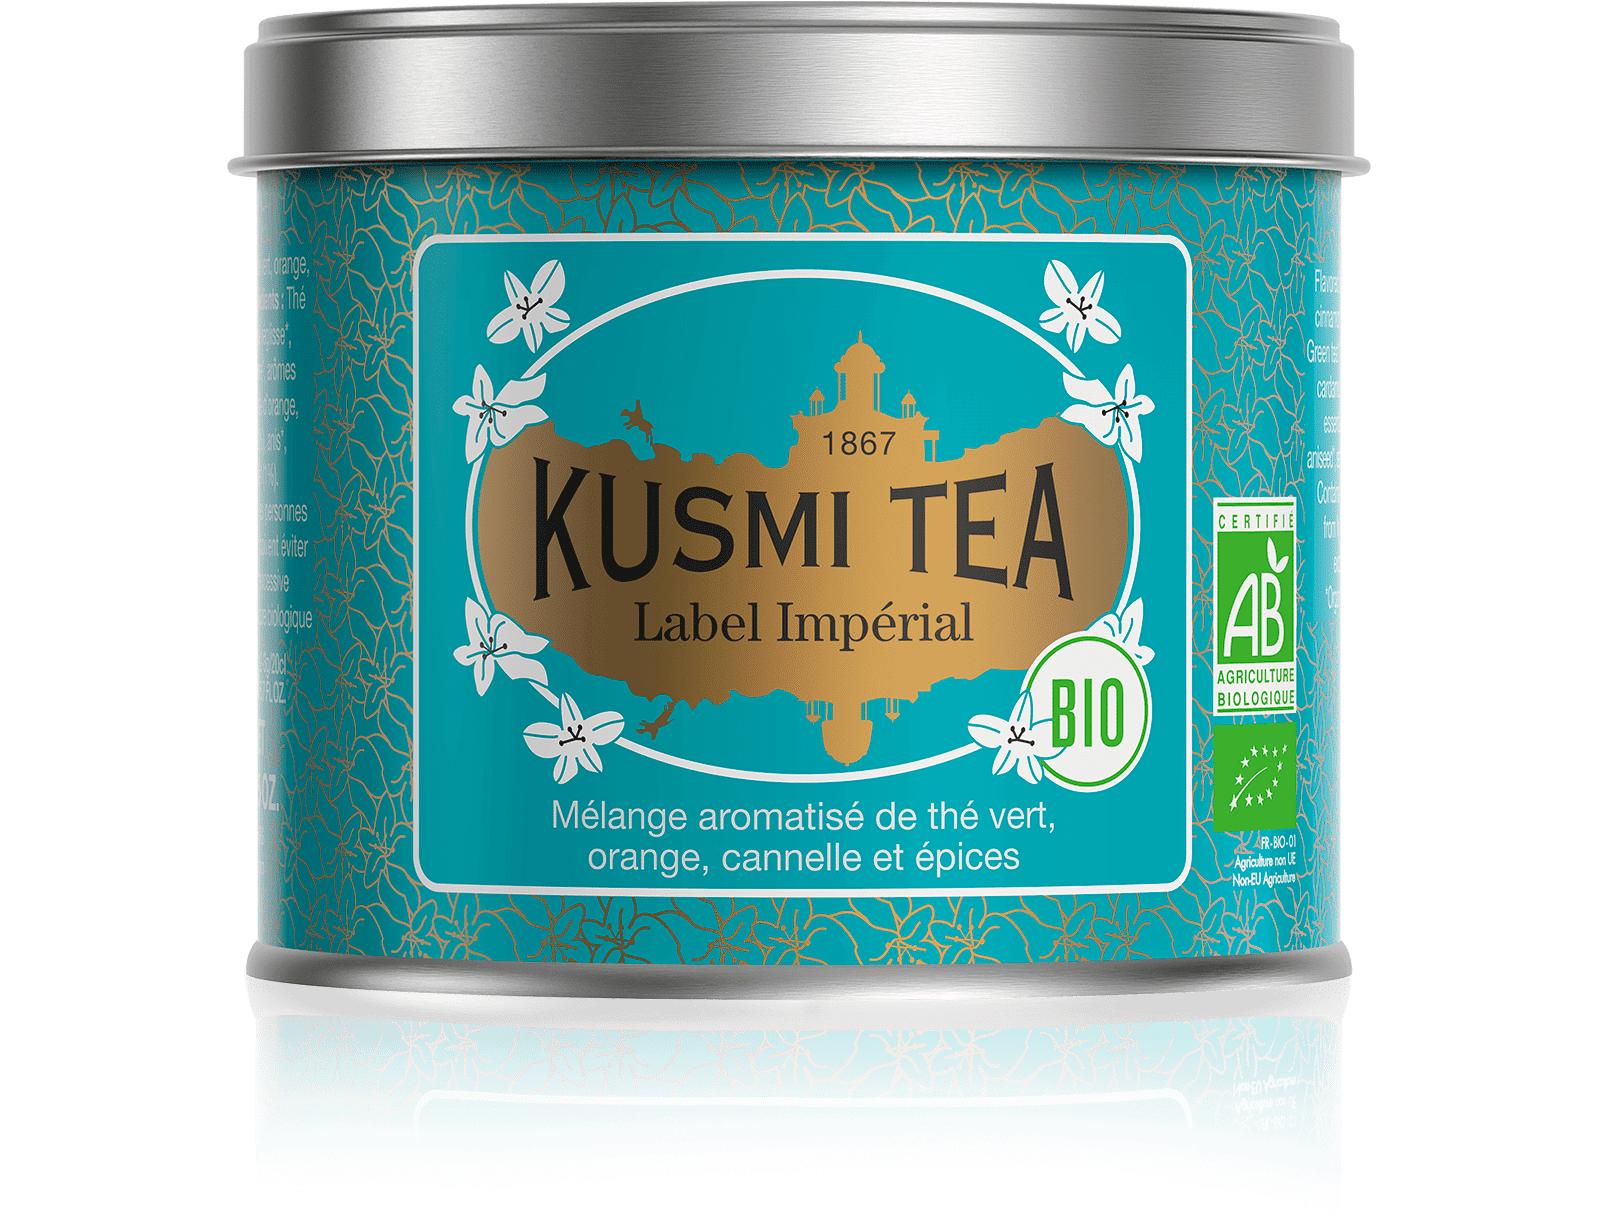 KUSMI TEA Label Imperial bio - Thé vert, épices, cannelle - Boîte de thé en vrac - Kusmi Tea